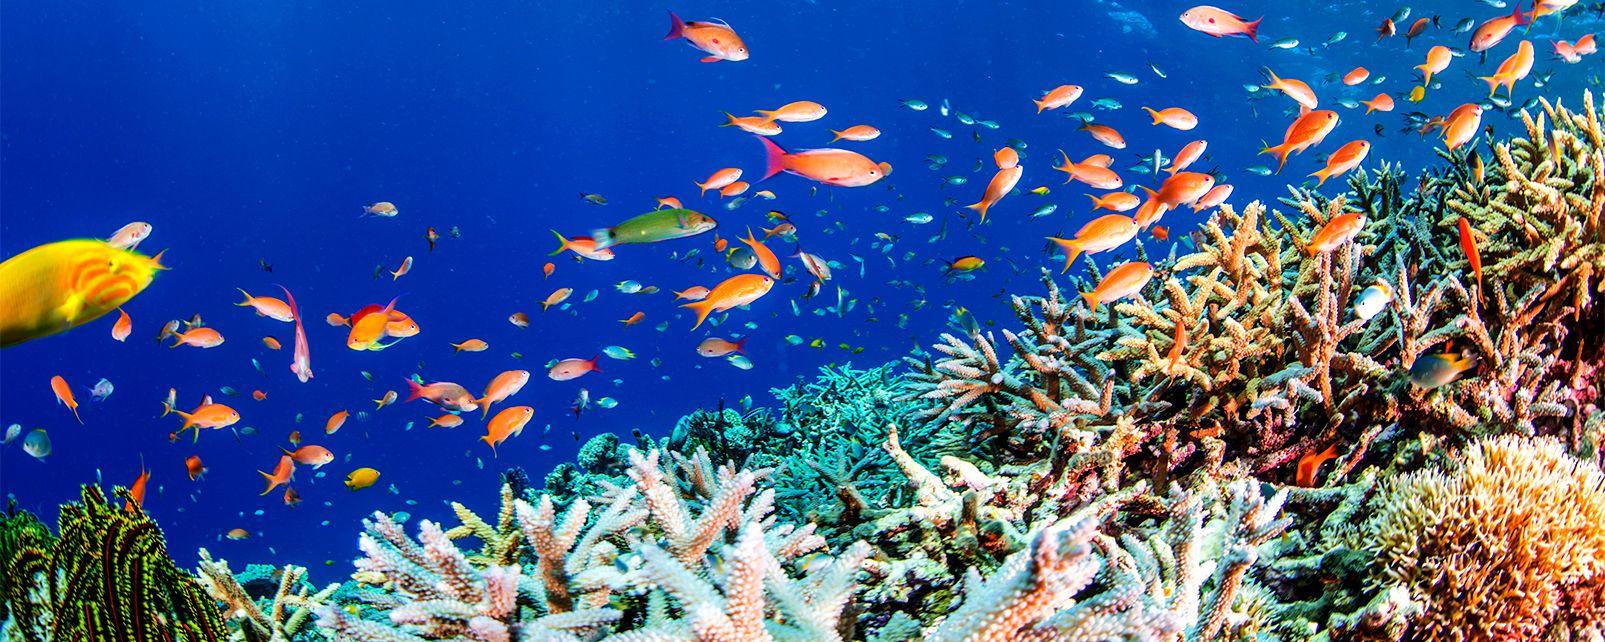 Les fonds marins et les animaux qui y vivent